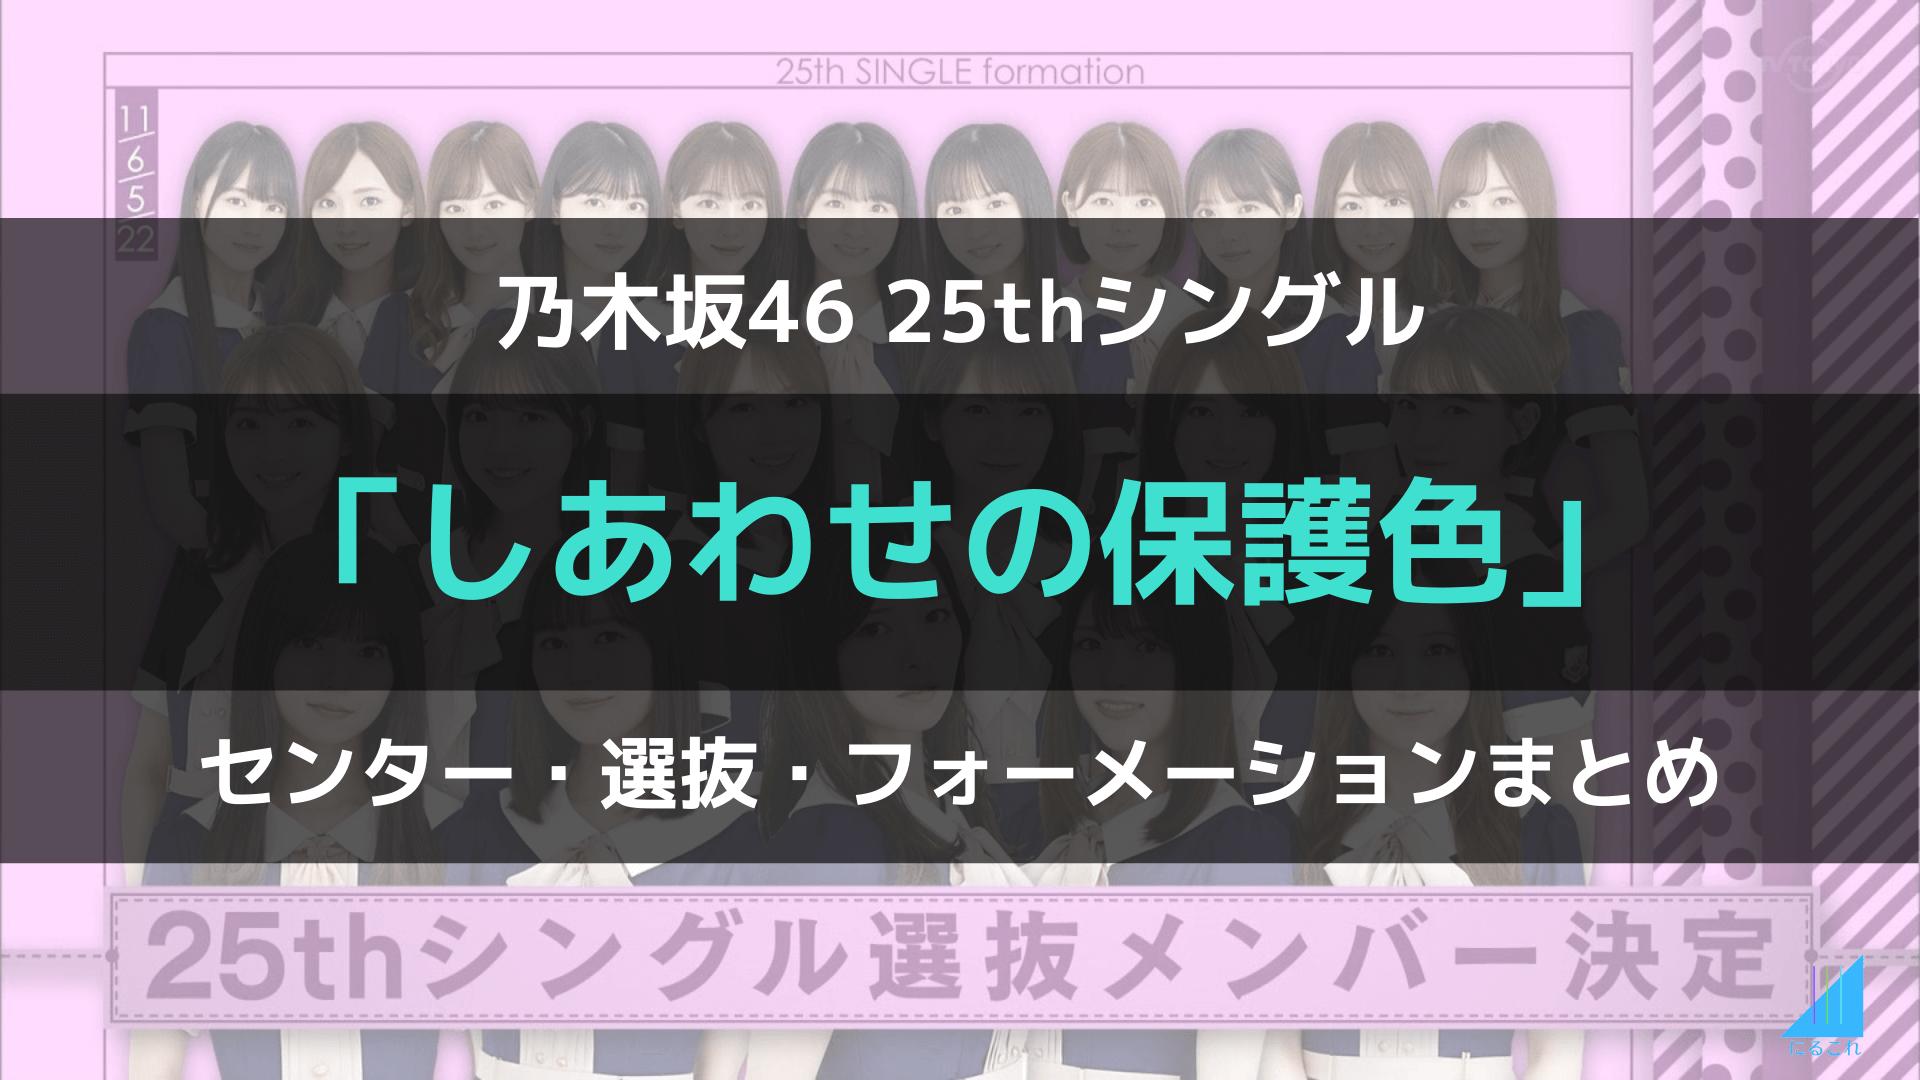 枚 選抜 目 25 乃木坂 シングル